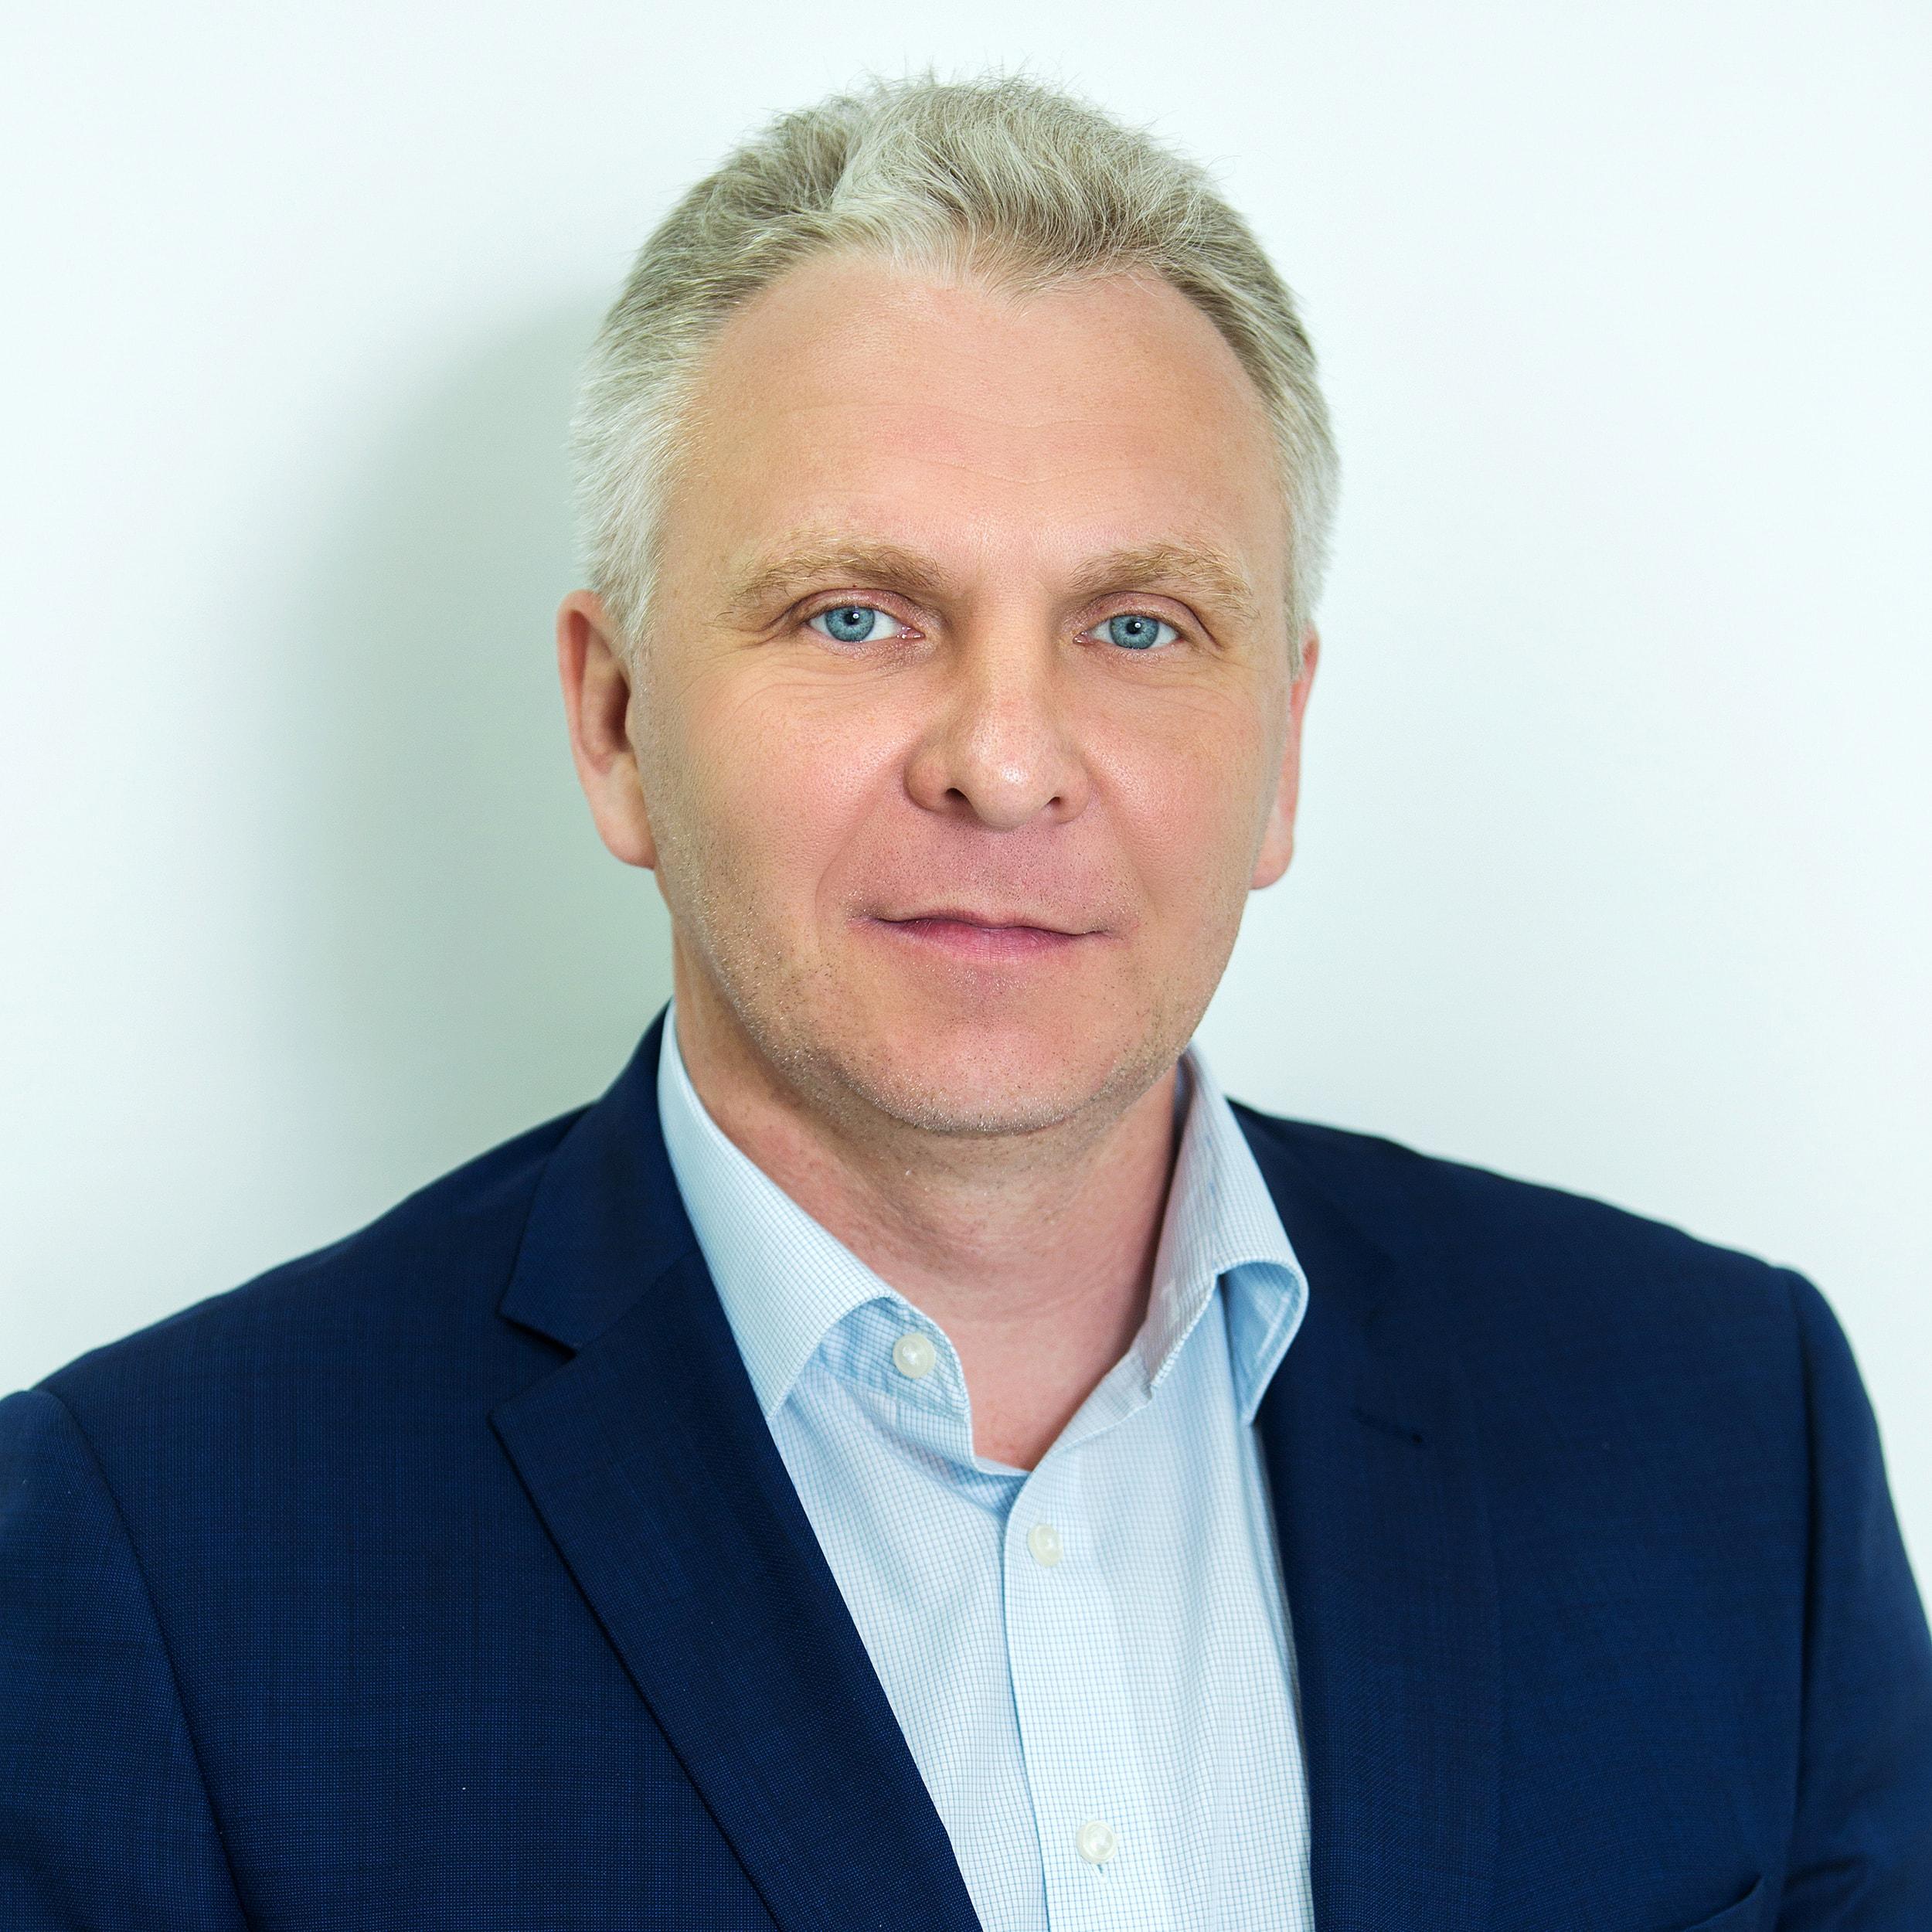 Сазонов Сергей Леонидович